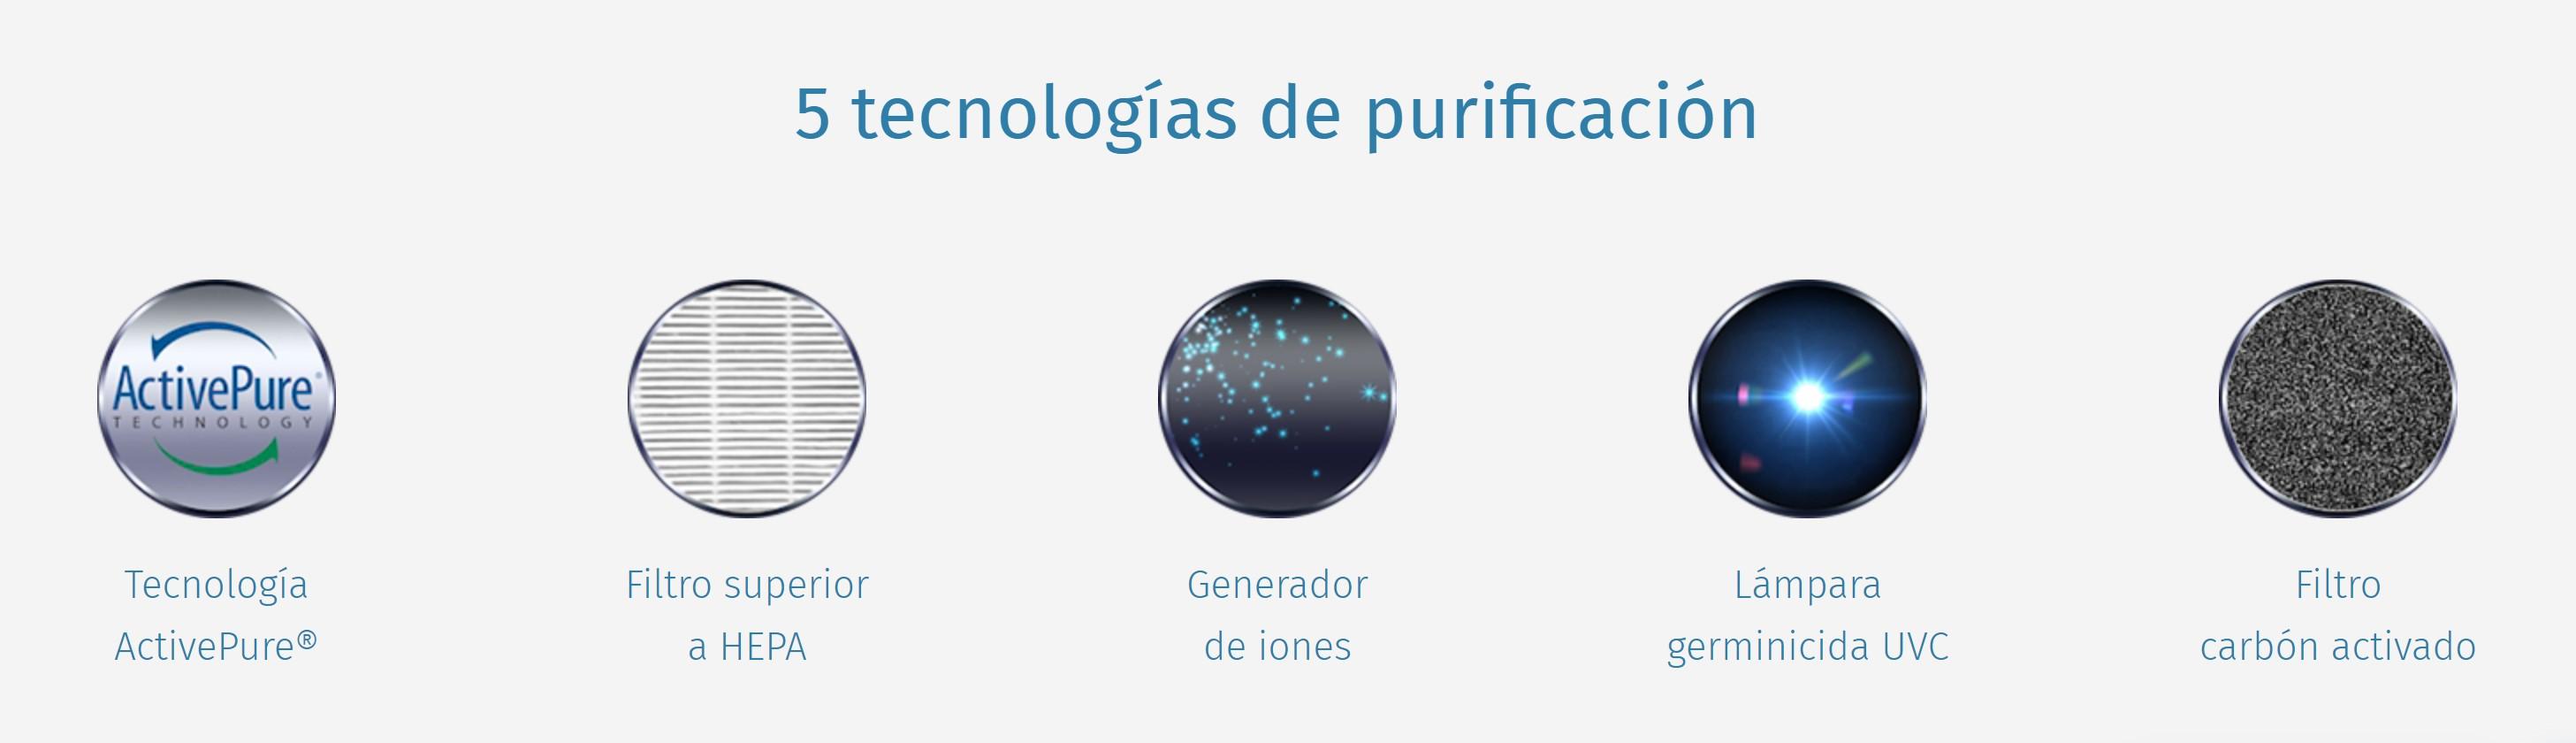 5 tecnologias purificacion de aire